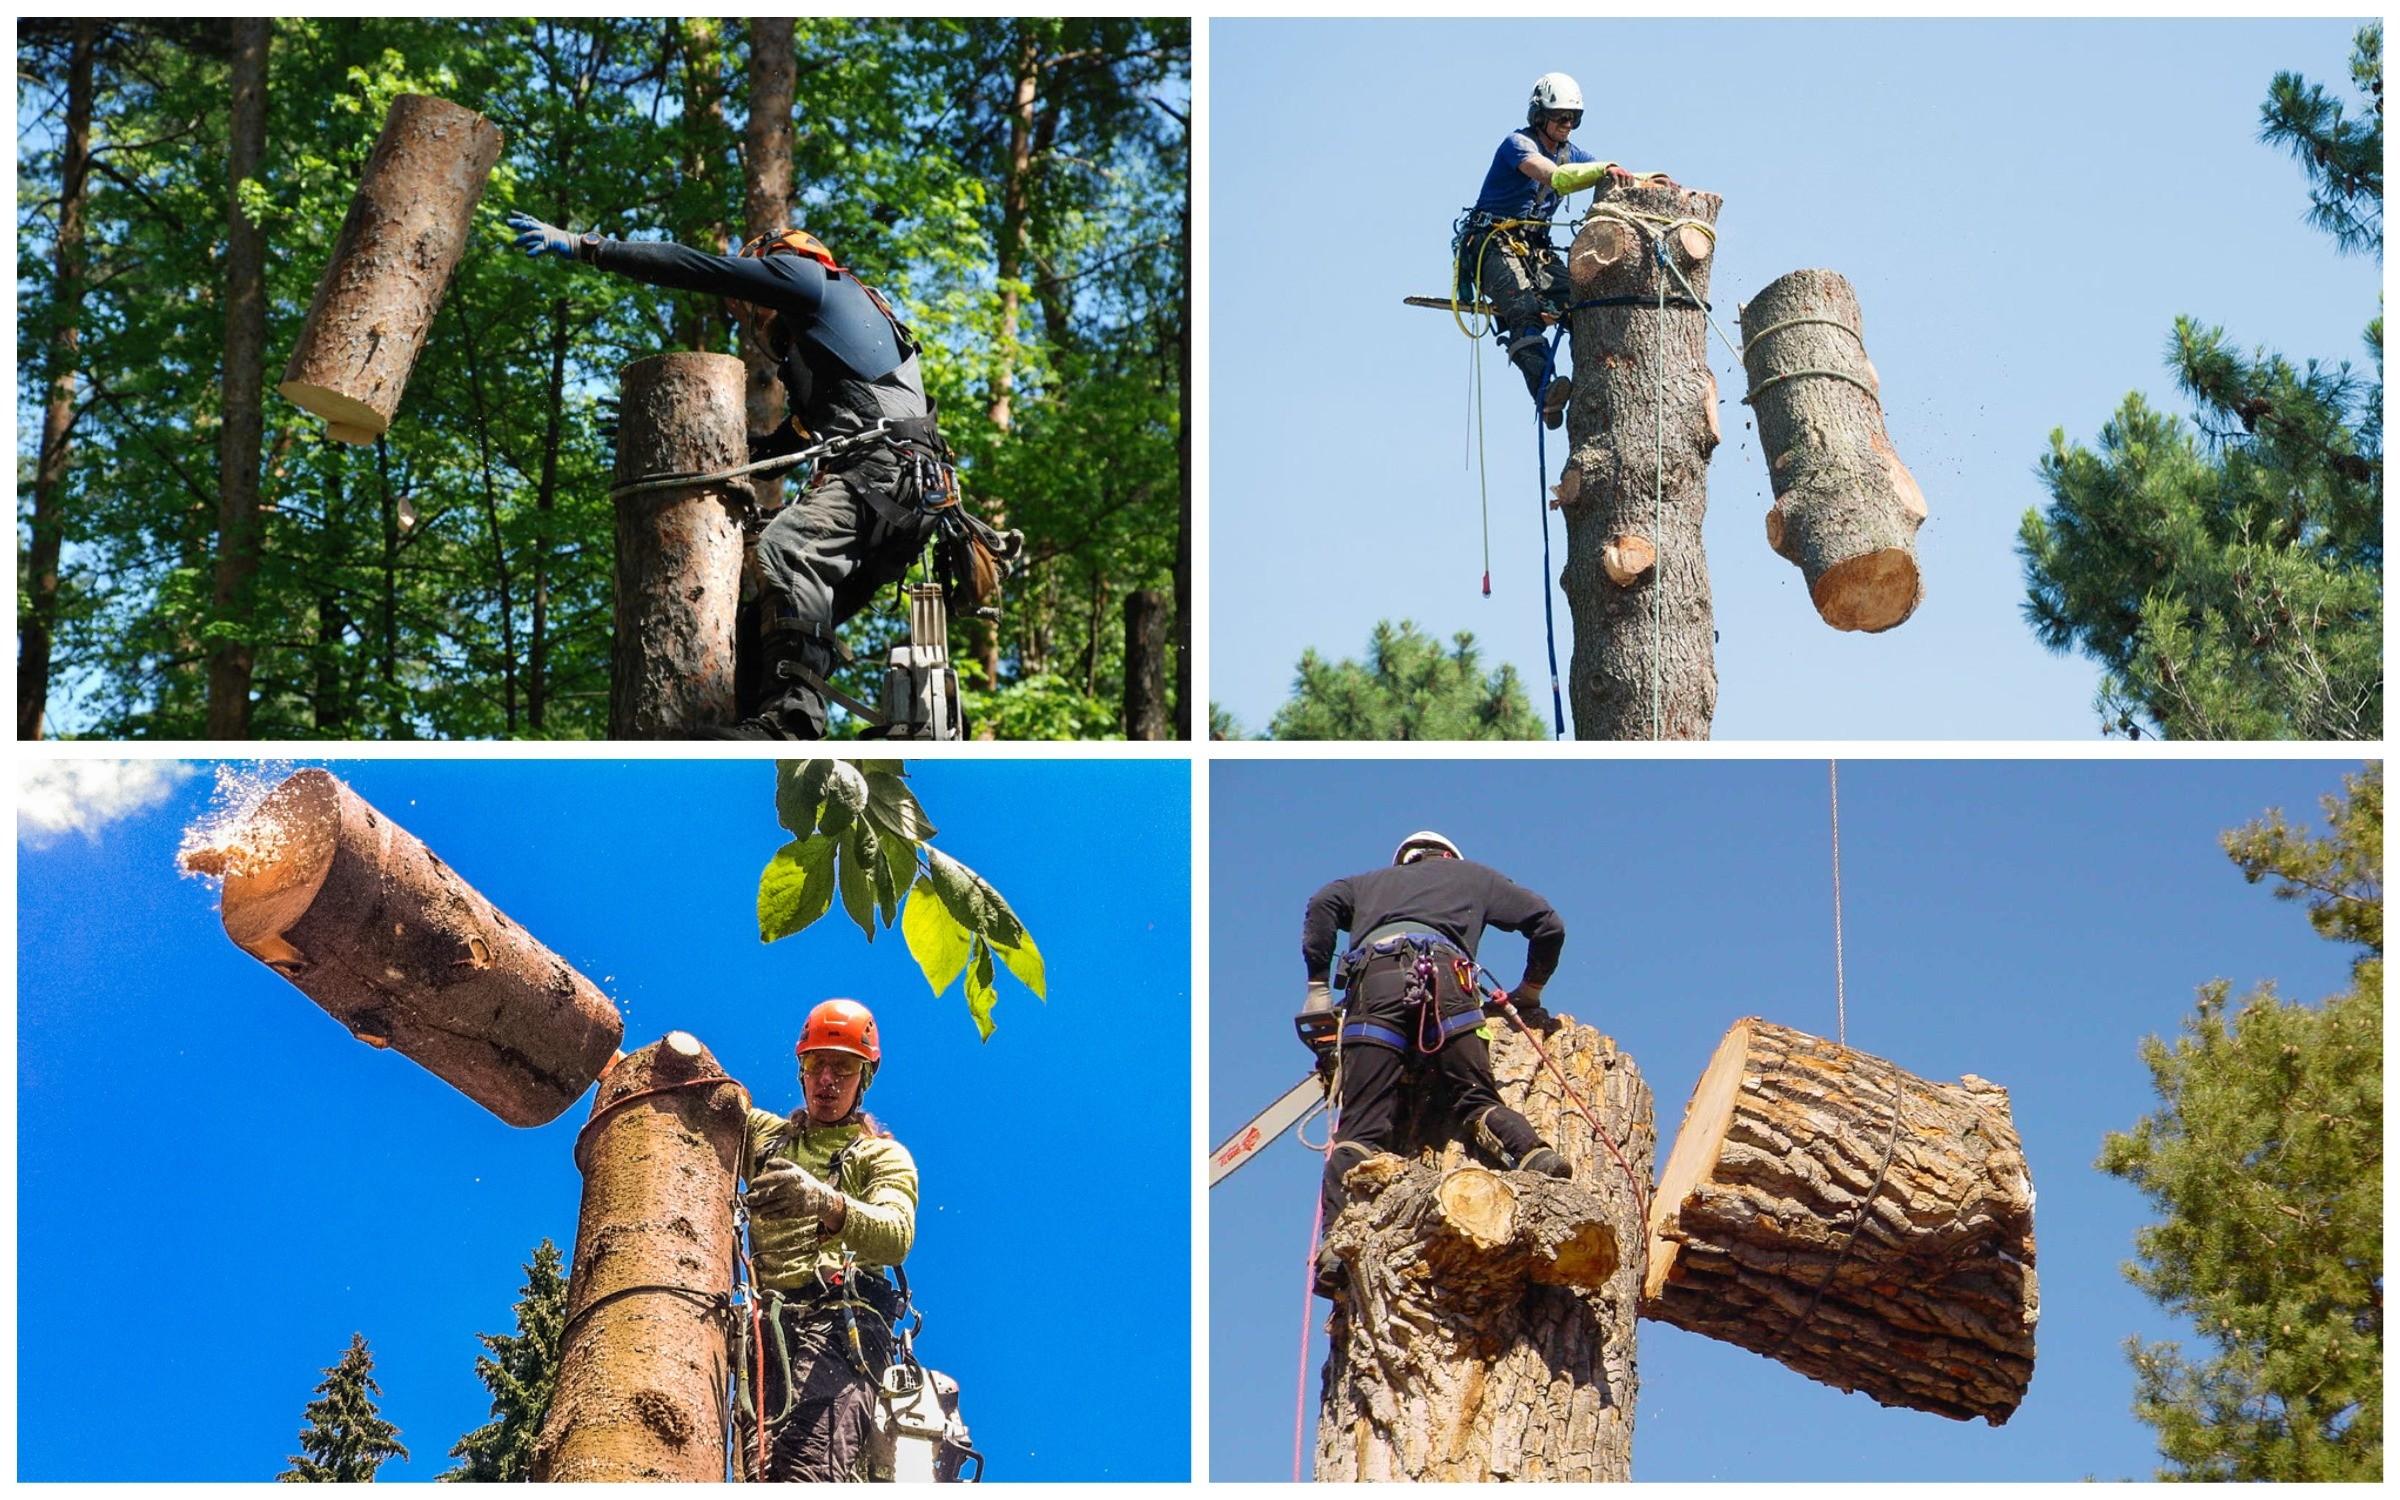 изображение метода спиливания дерева со сбросом